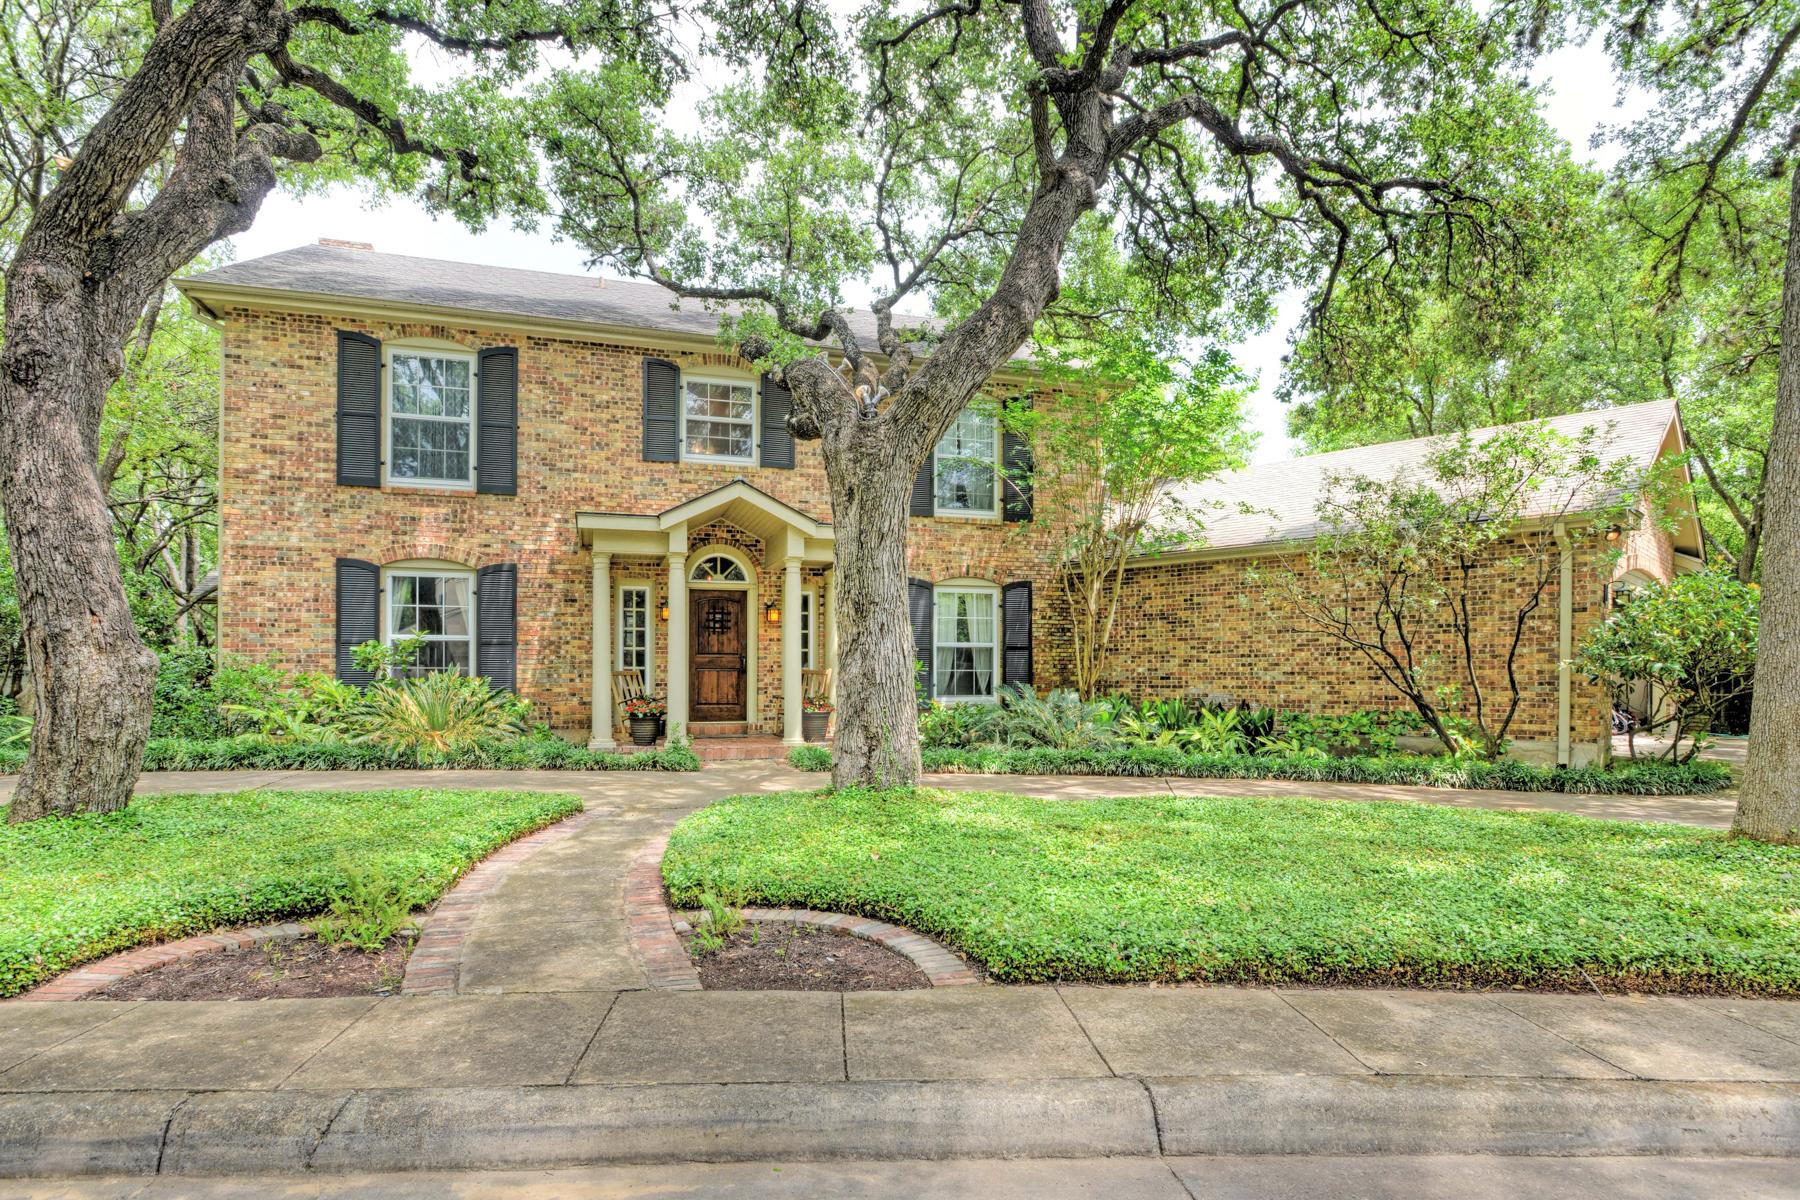 Villa per Vendita alle ore Beautiful Home in Northwood 2 Dorchester Pl Northwood, San Antonio, Texas, 78209 Stati Uniti